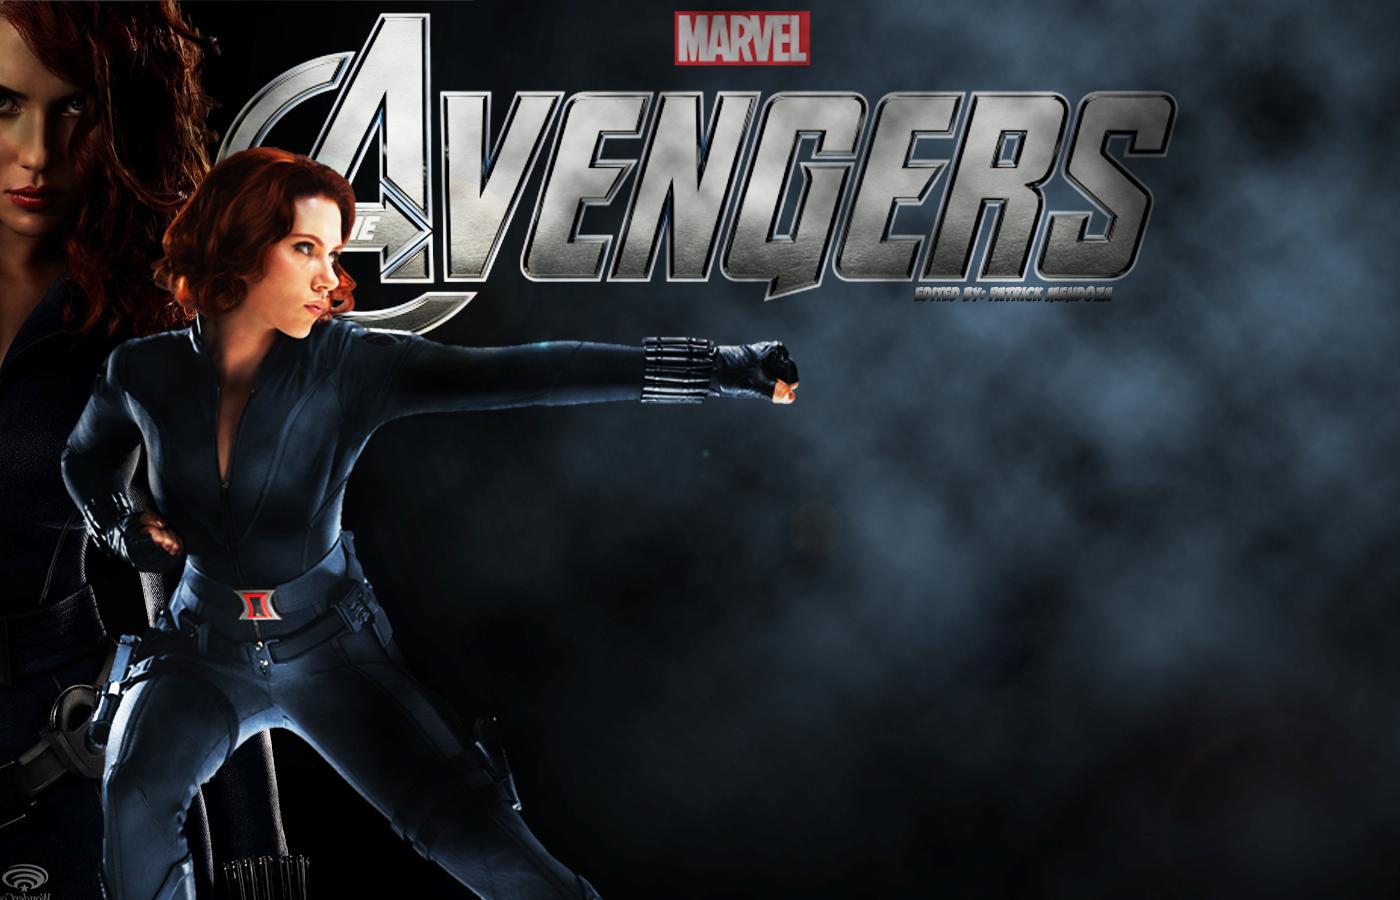 Black Widow Avengers Wallpaper 1400x900